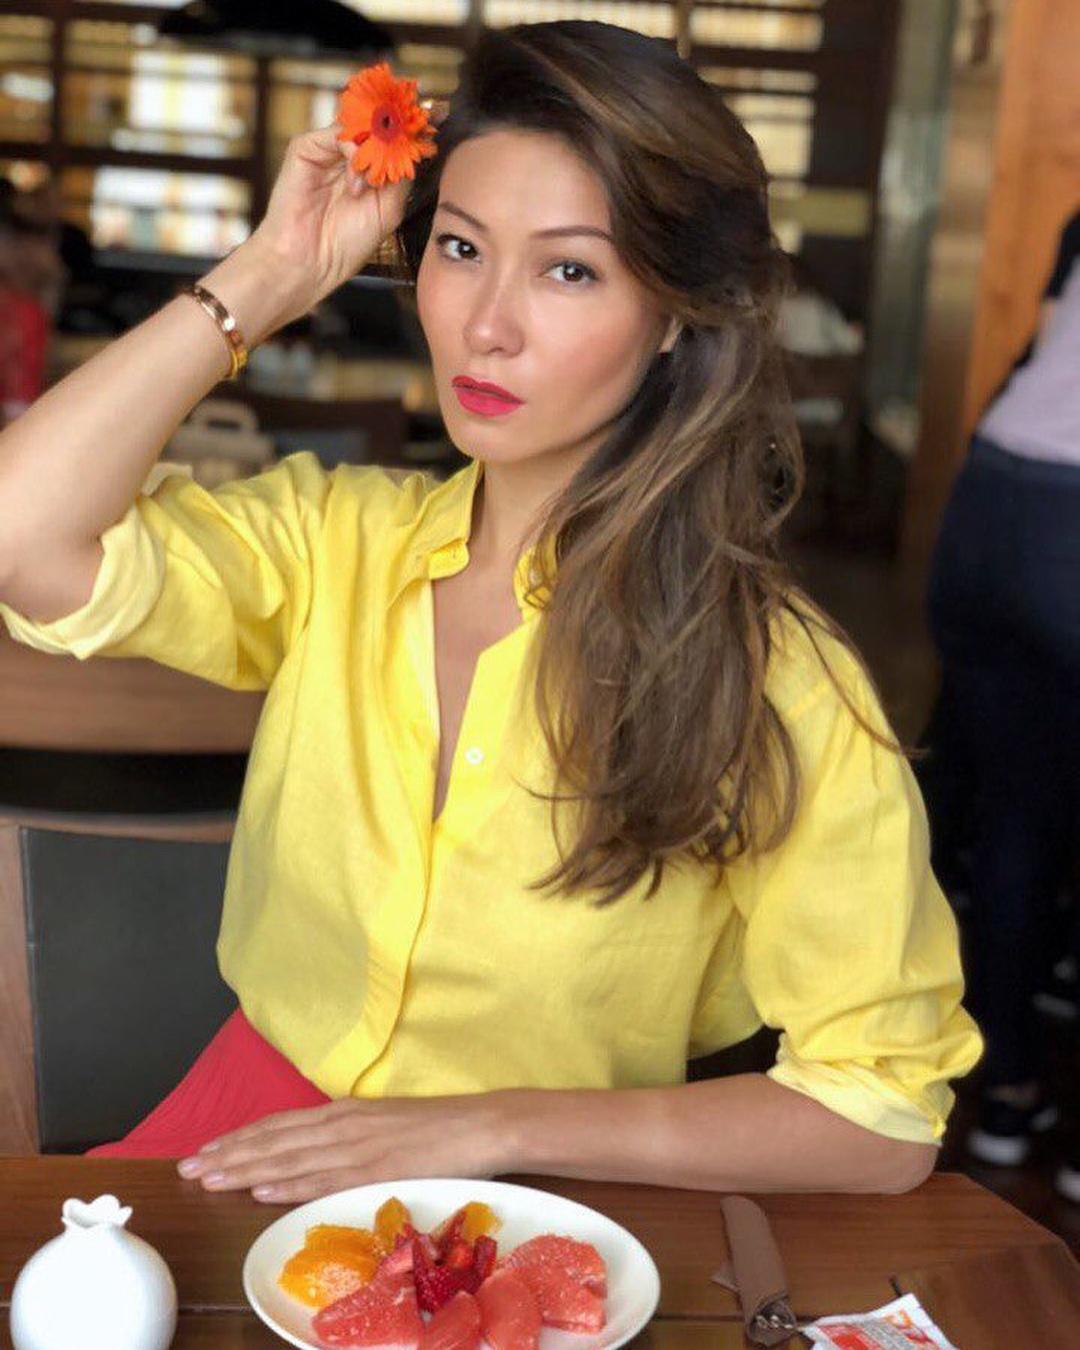 Телеведущая Марина Ким на фото